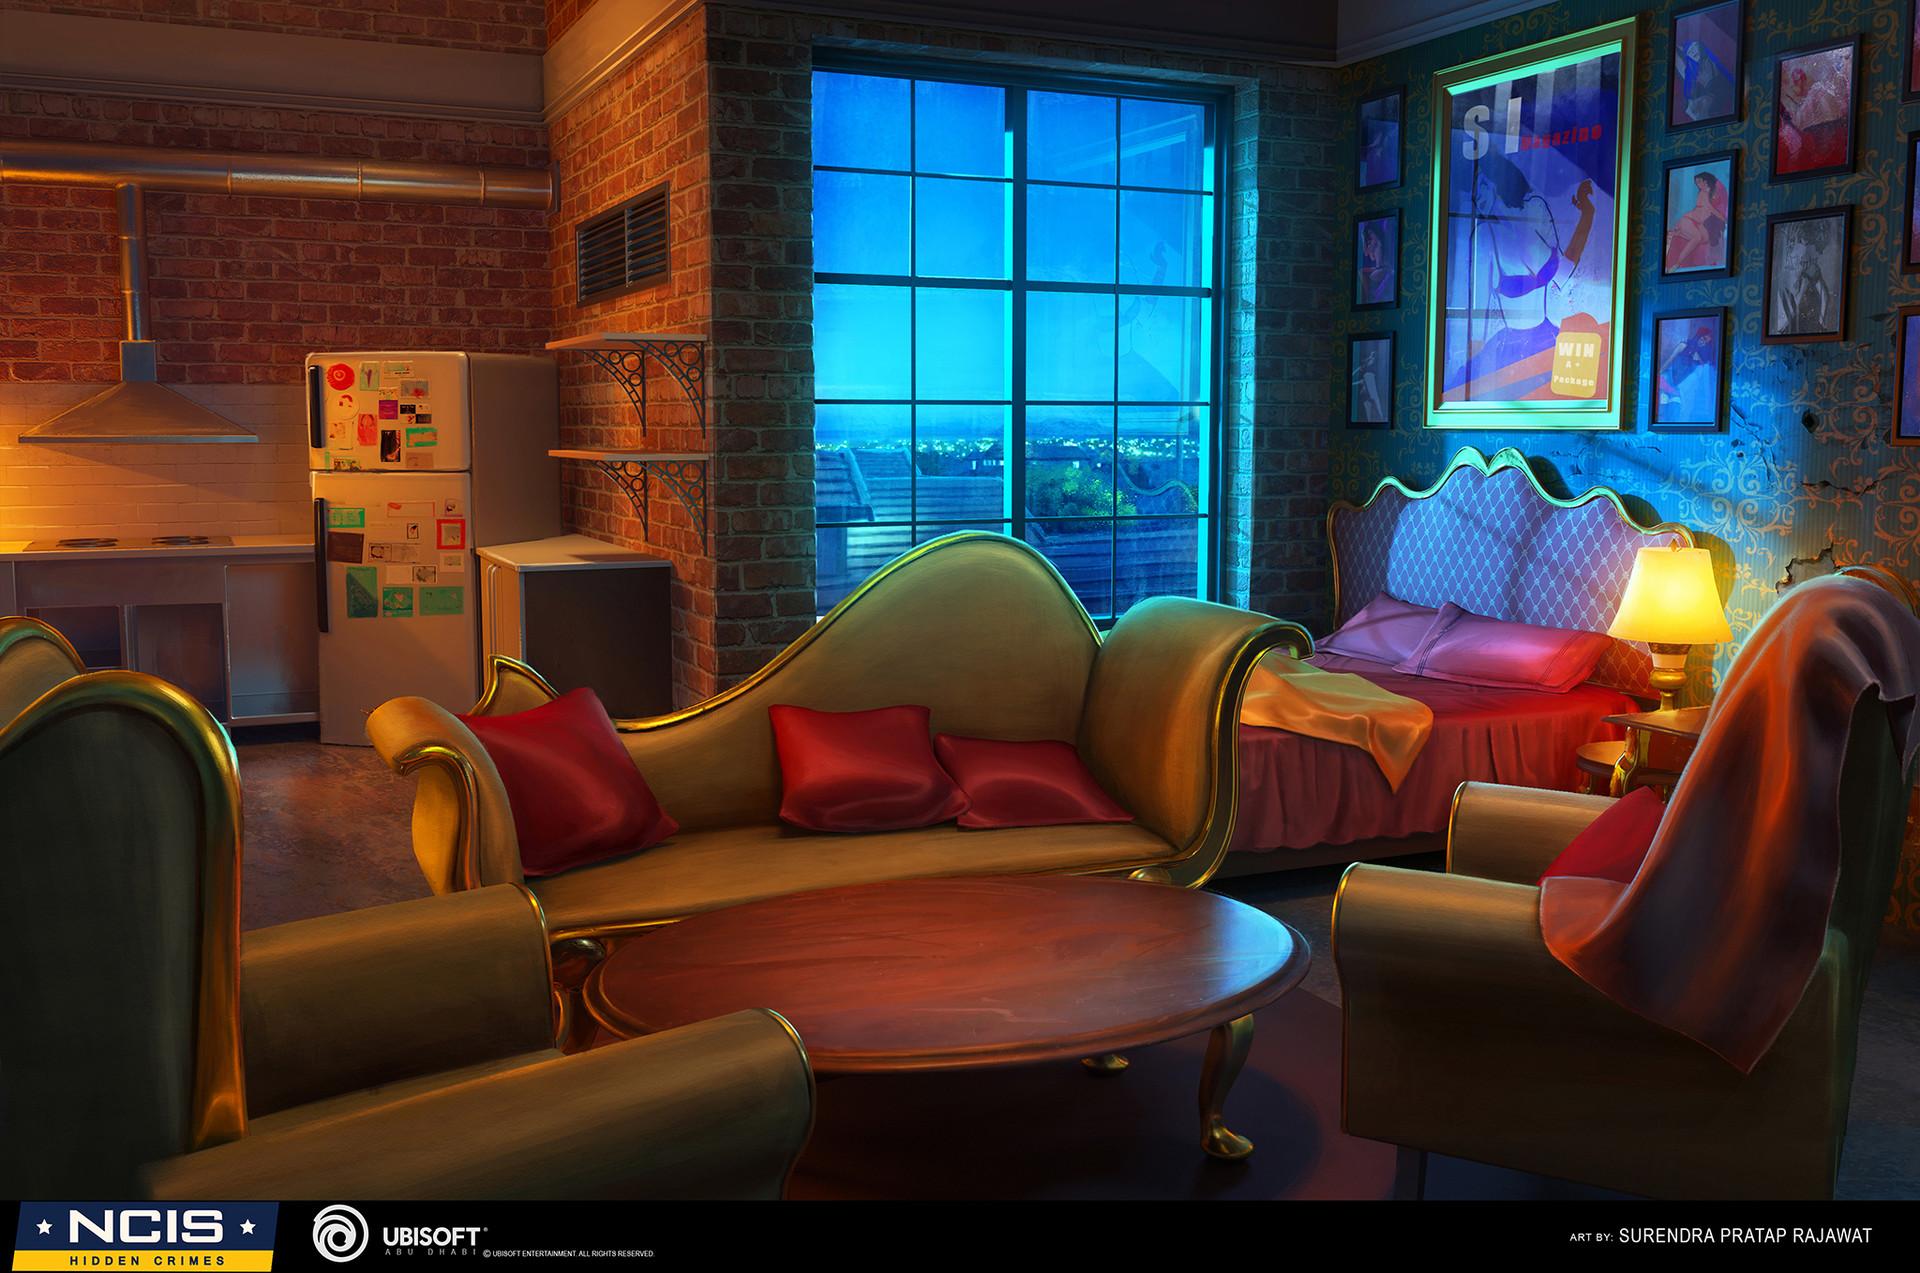 Surendra rajawat loft concept web